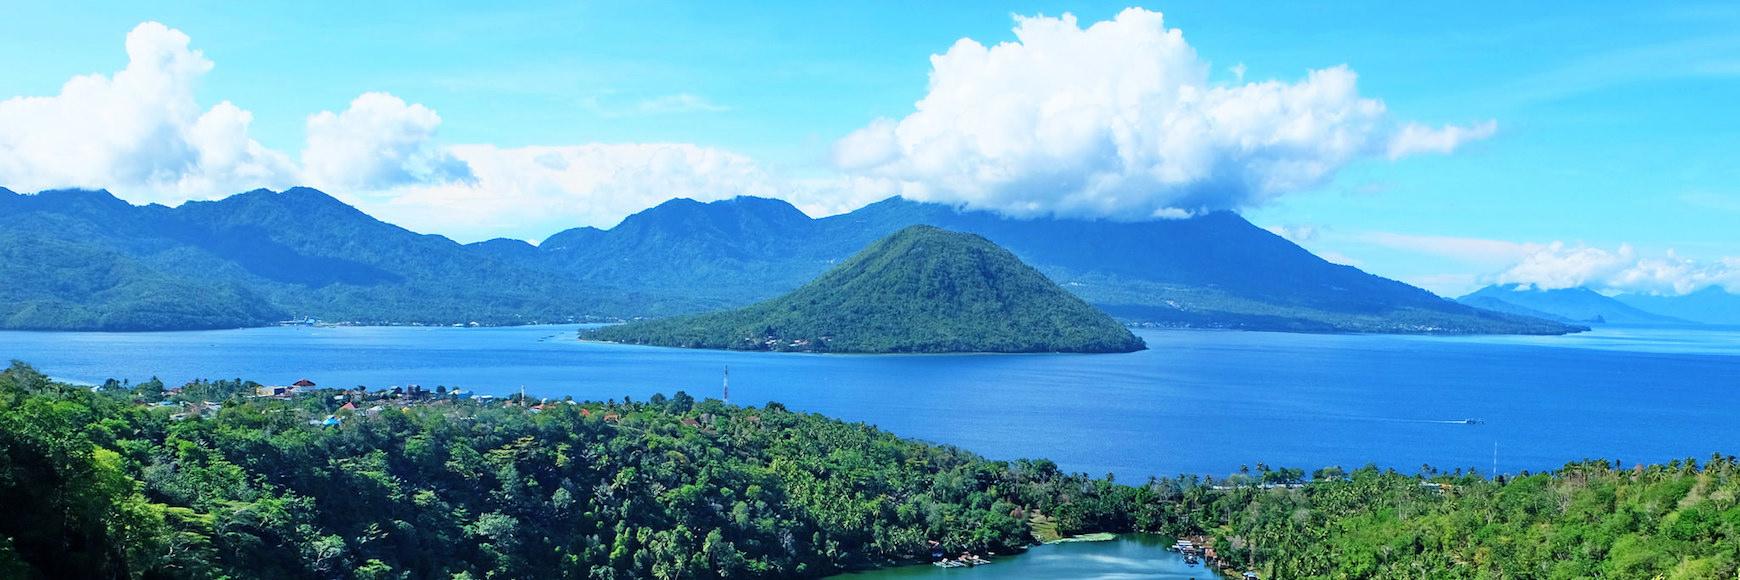 Location catamaran Indonésie